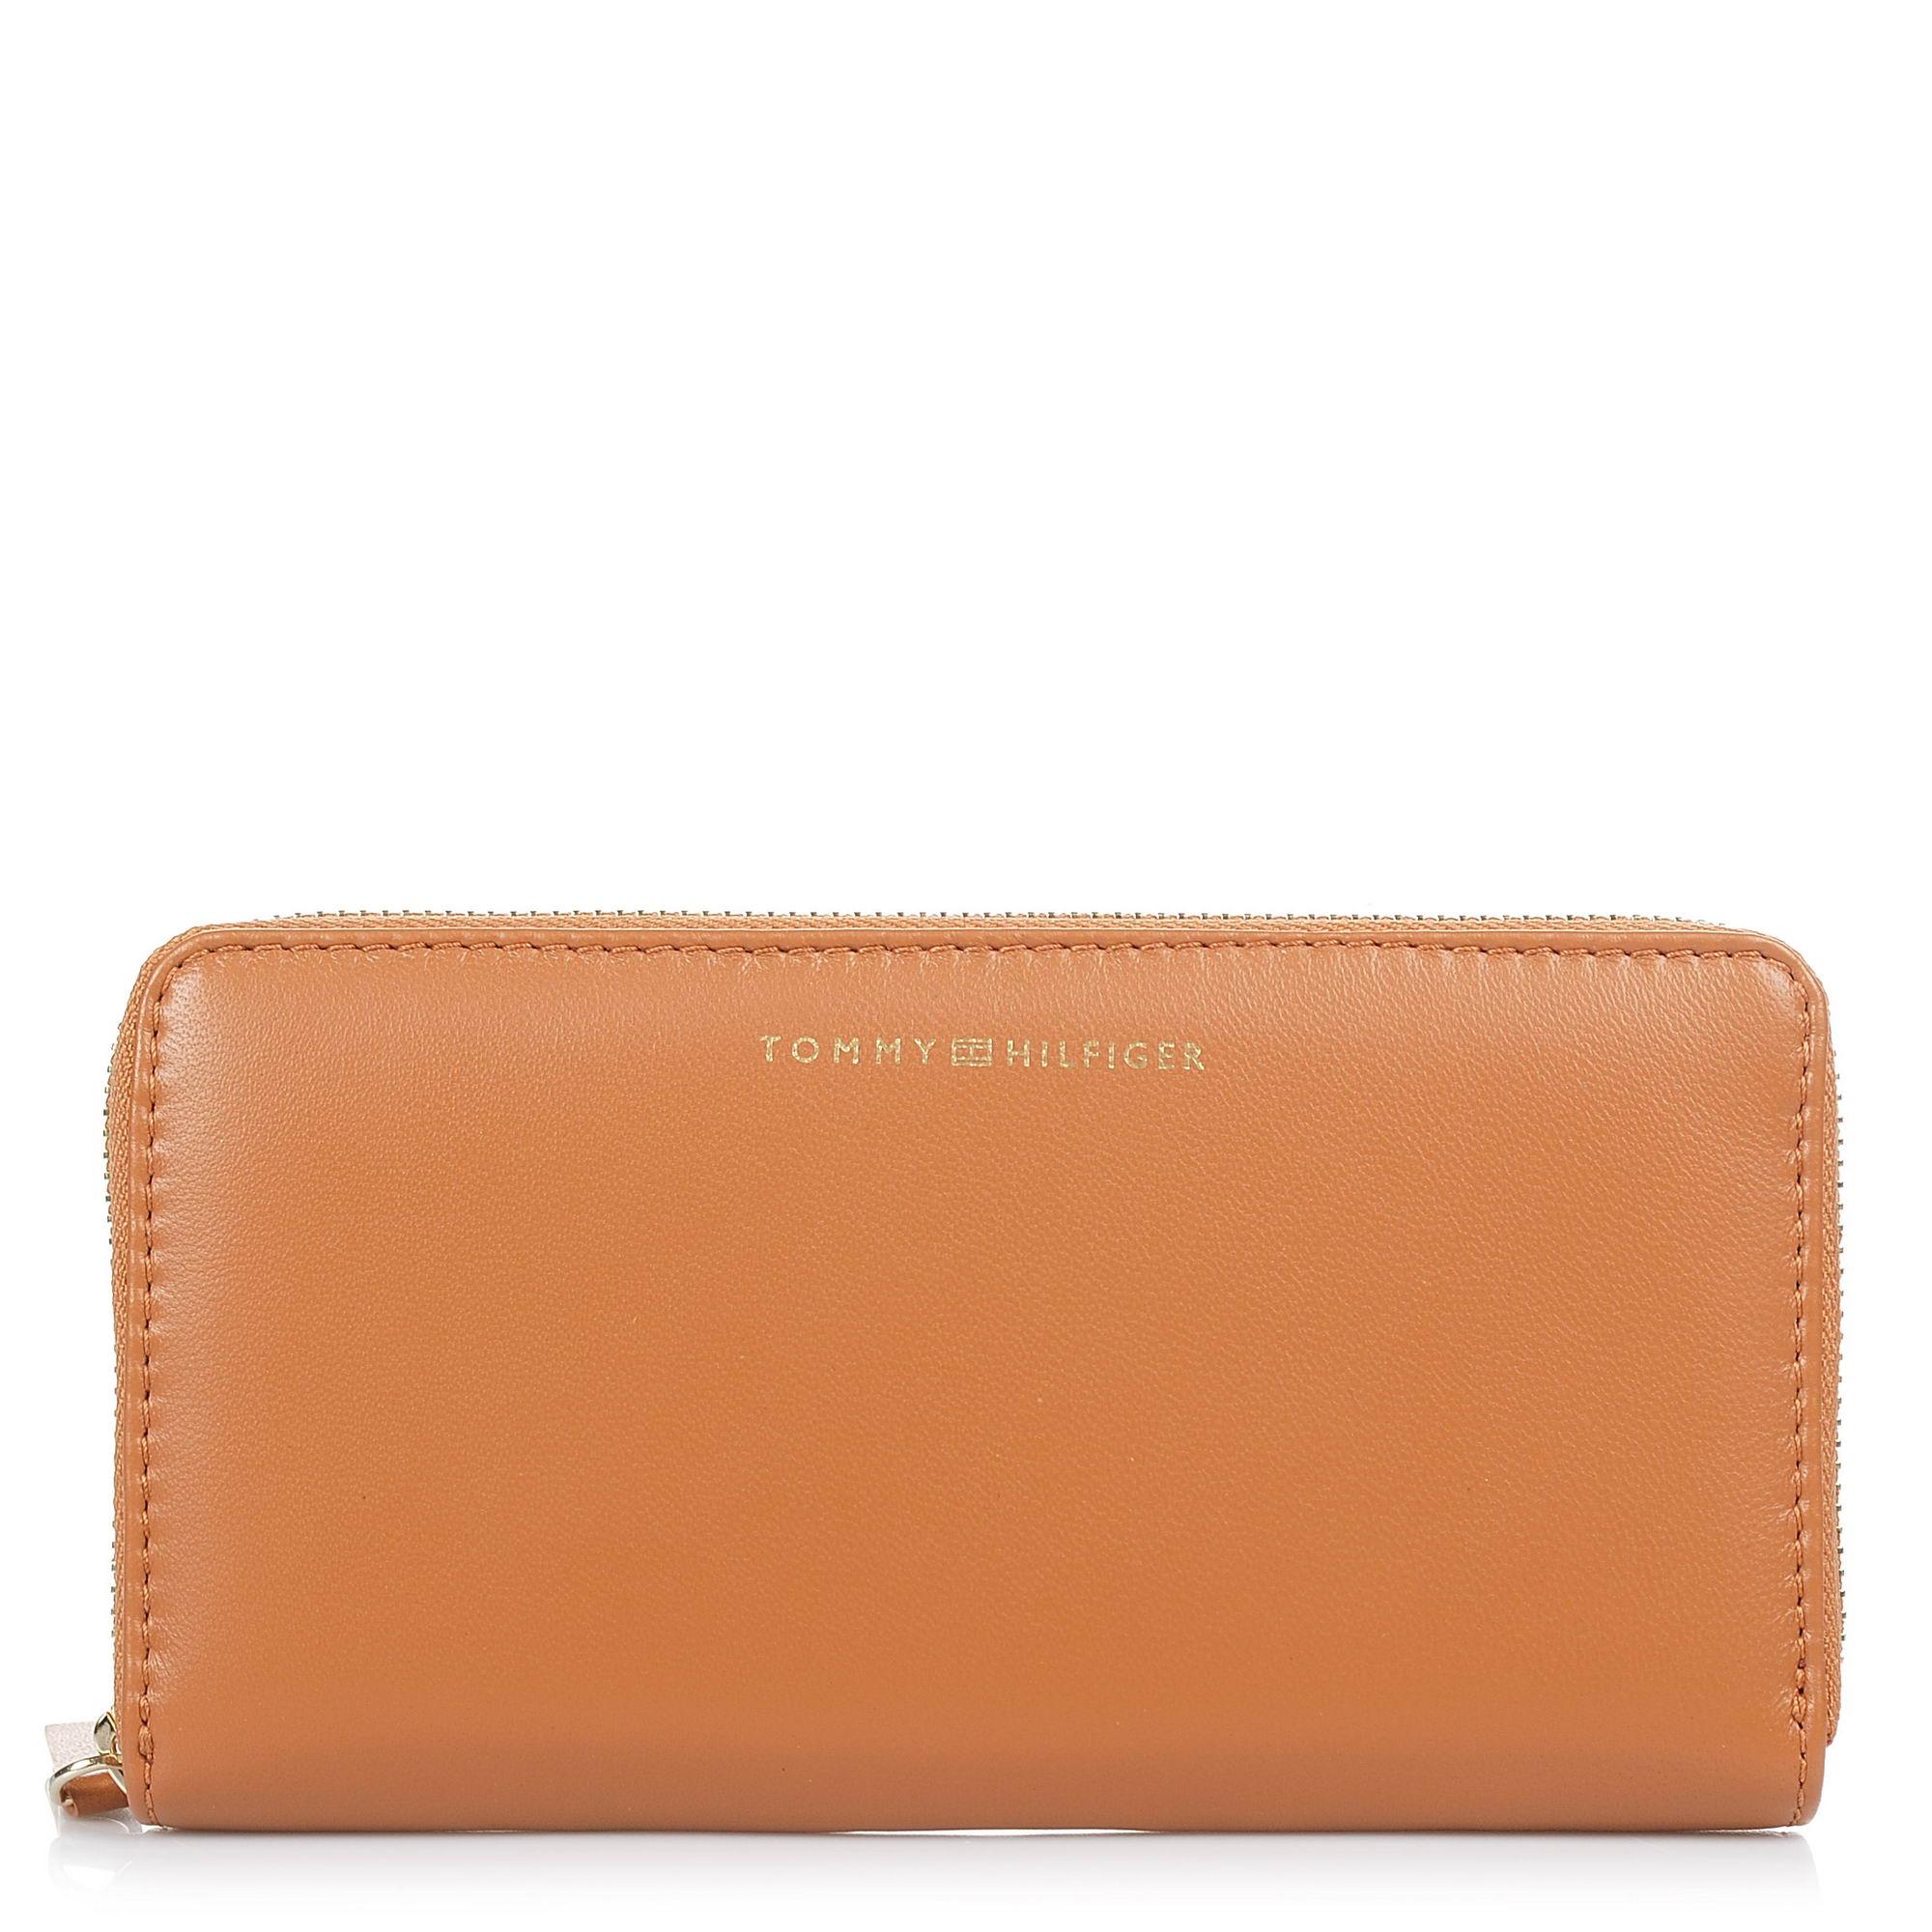 Δερμάτινο Πορτοφόλι Κασετίνα Tommy Hilfiger Smooth Leather Zip Around Wallet AW0AW05138